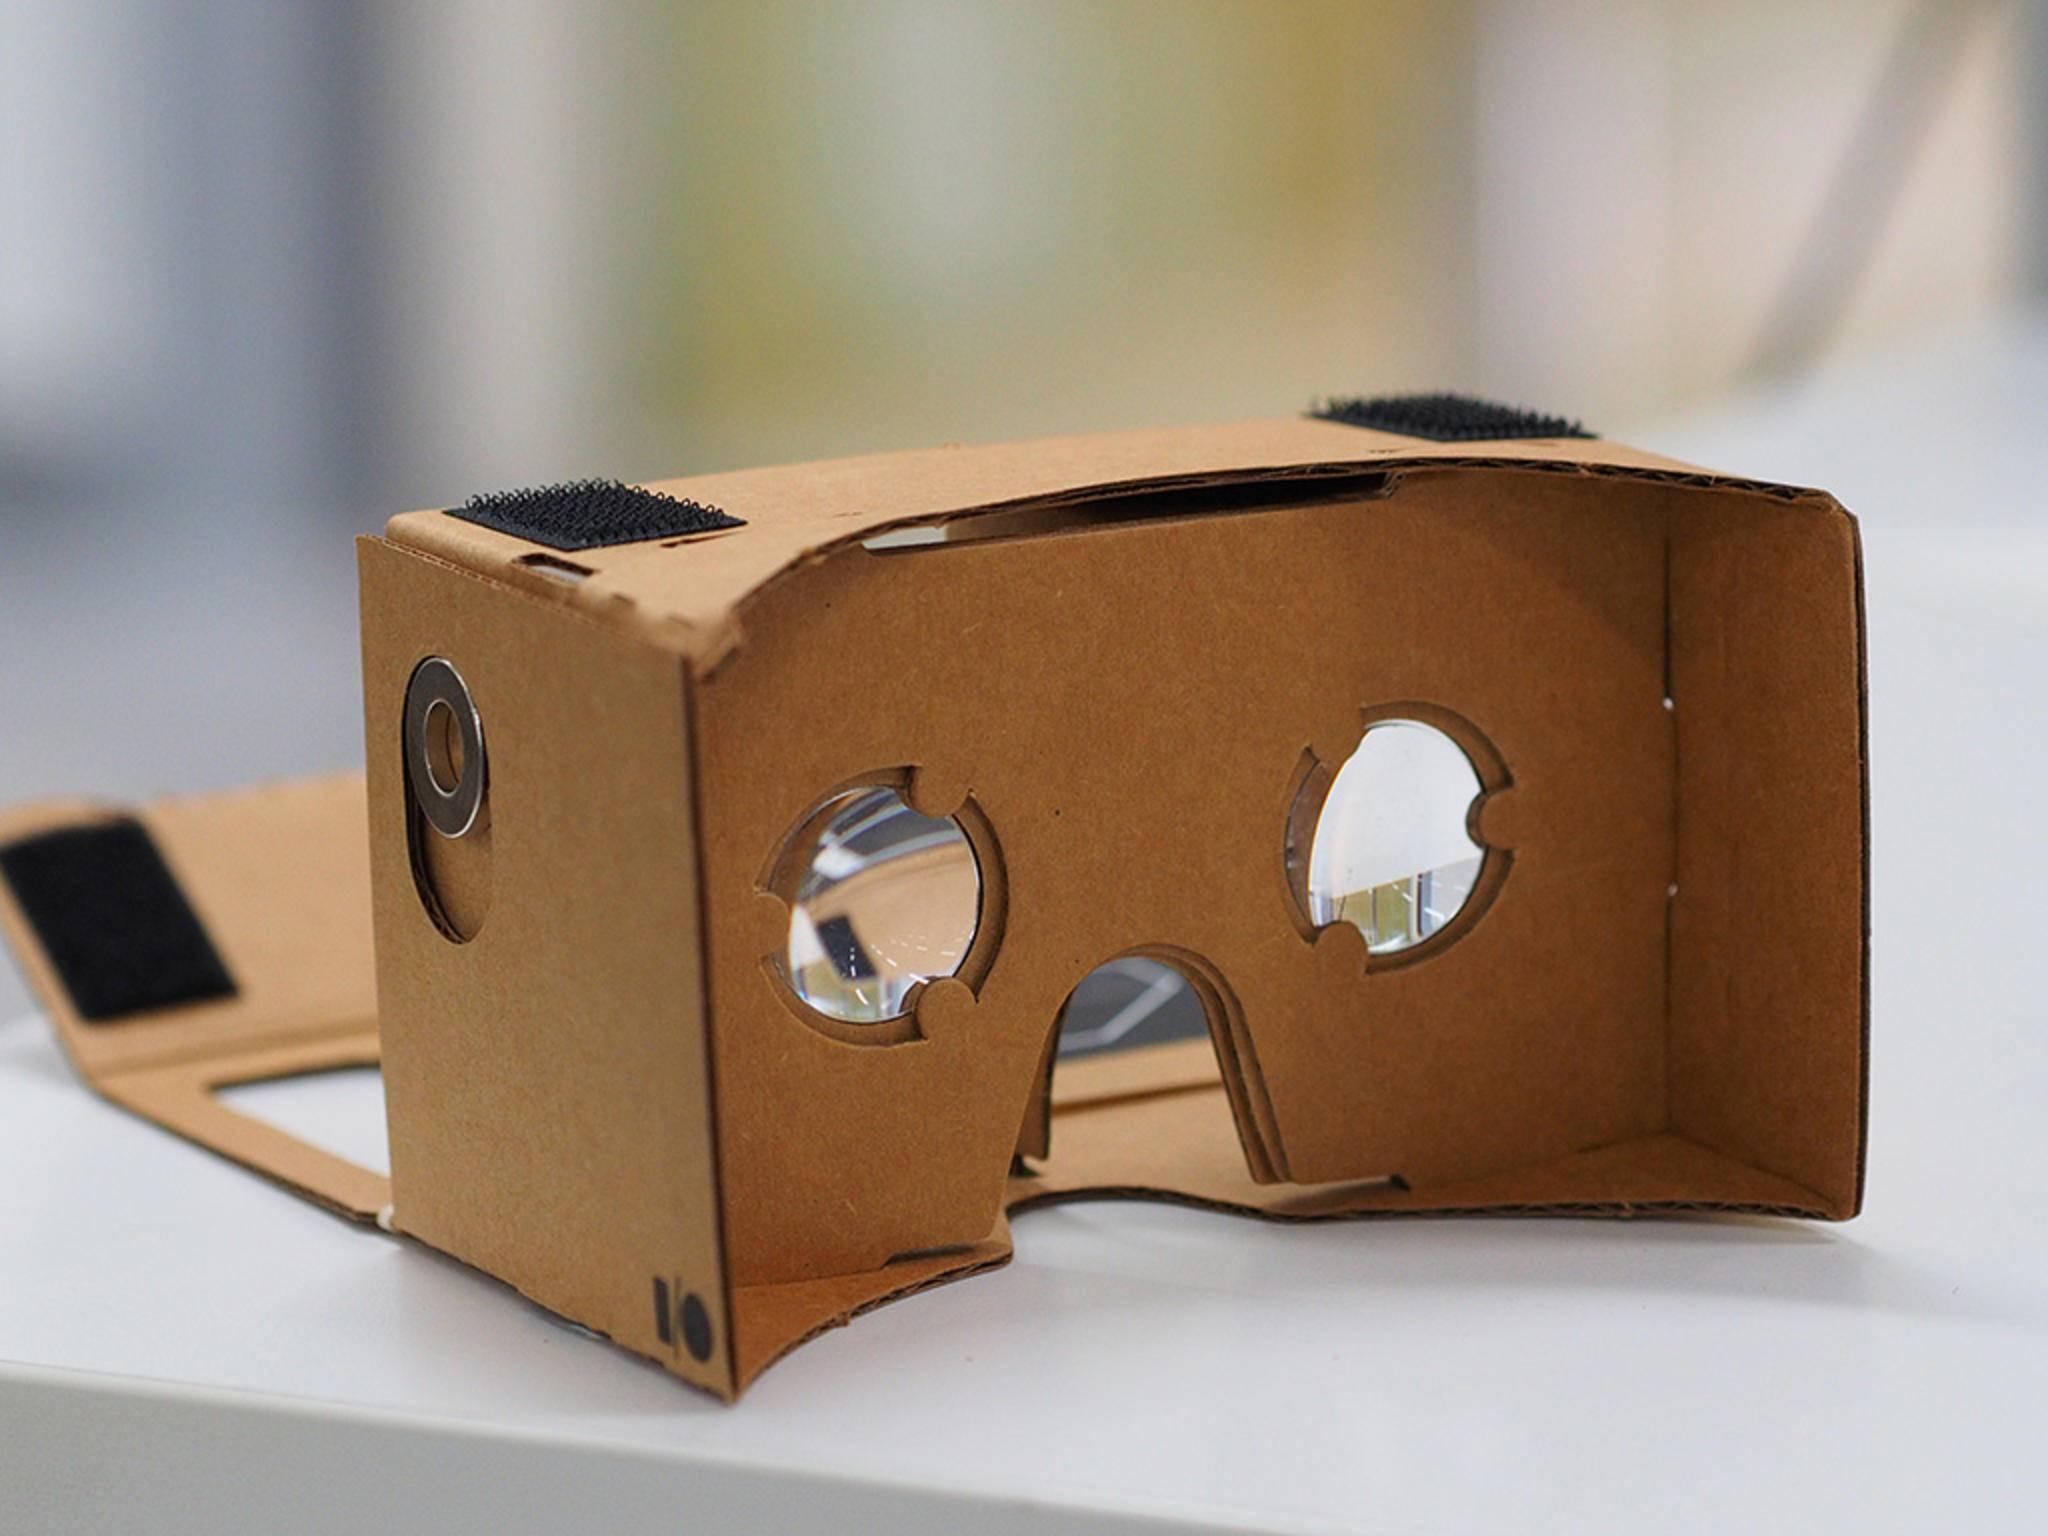 Cardboard wird wohl vorerst die einzige VR-Brille von Google bleiben.